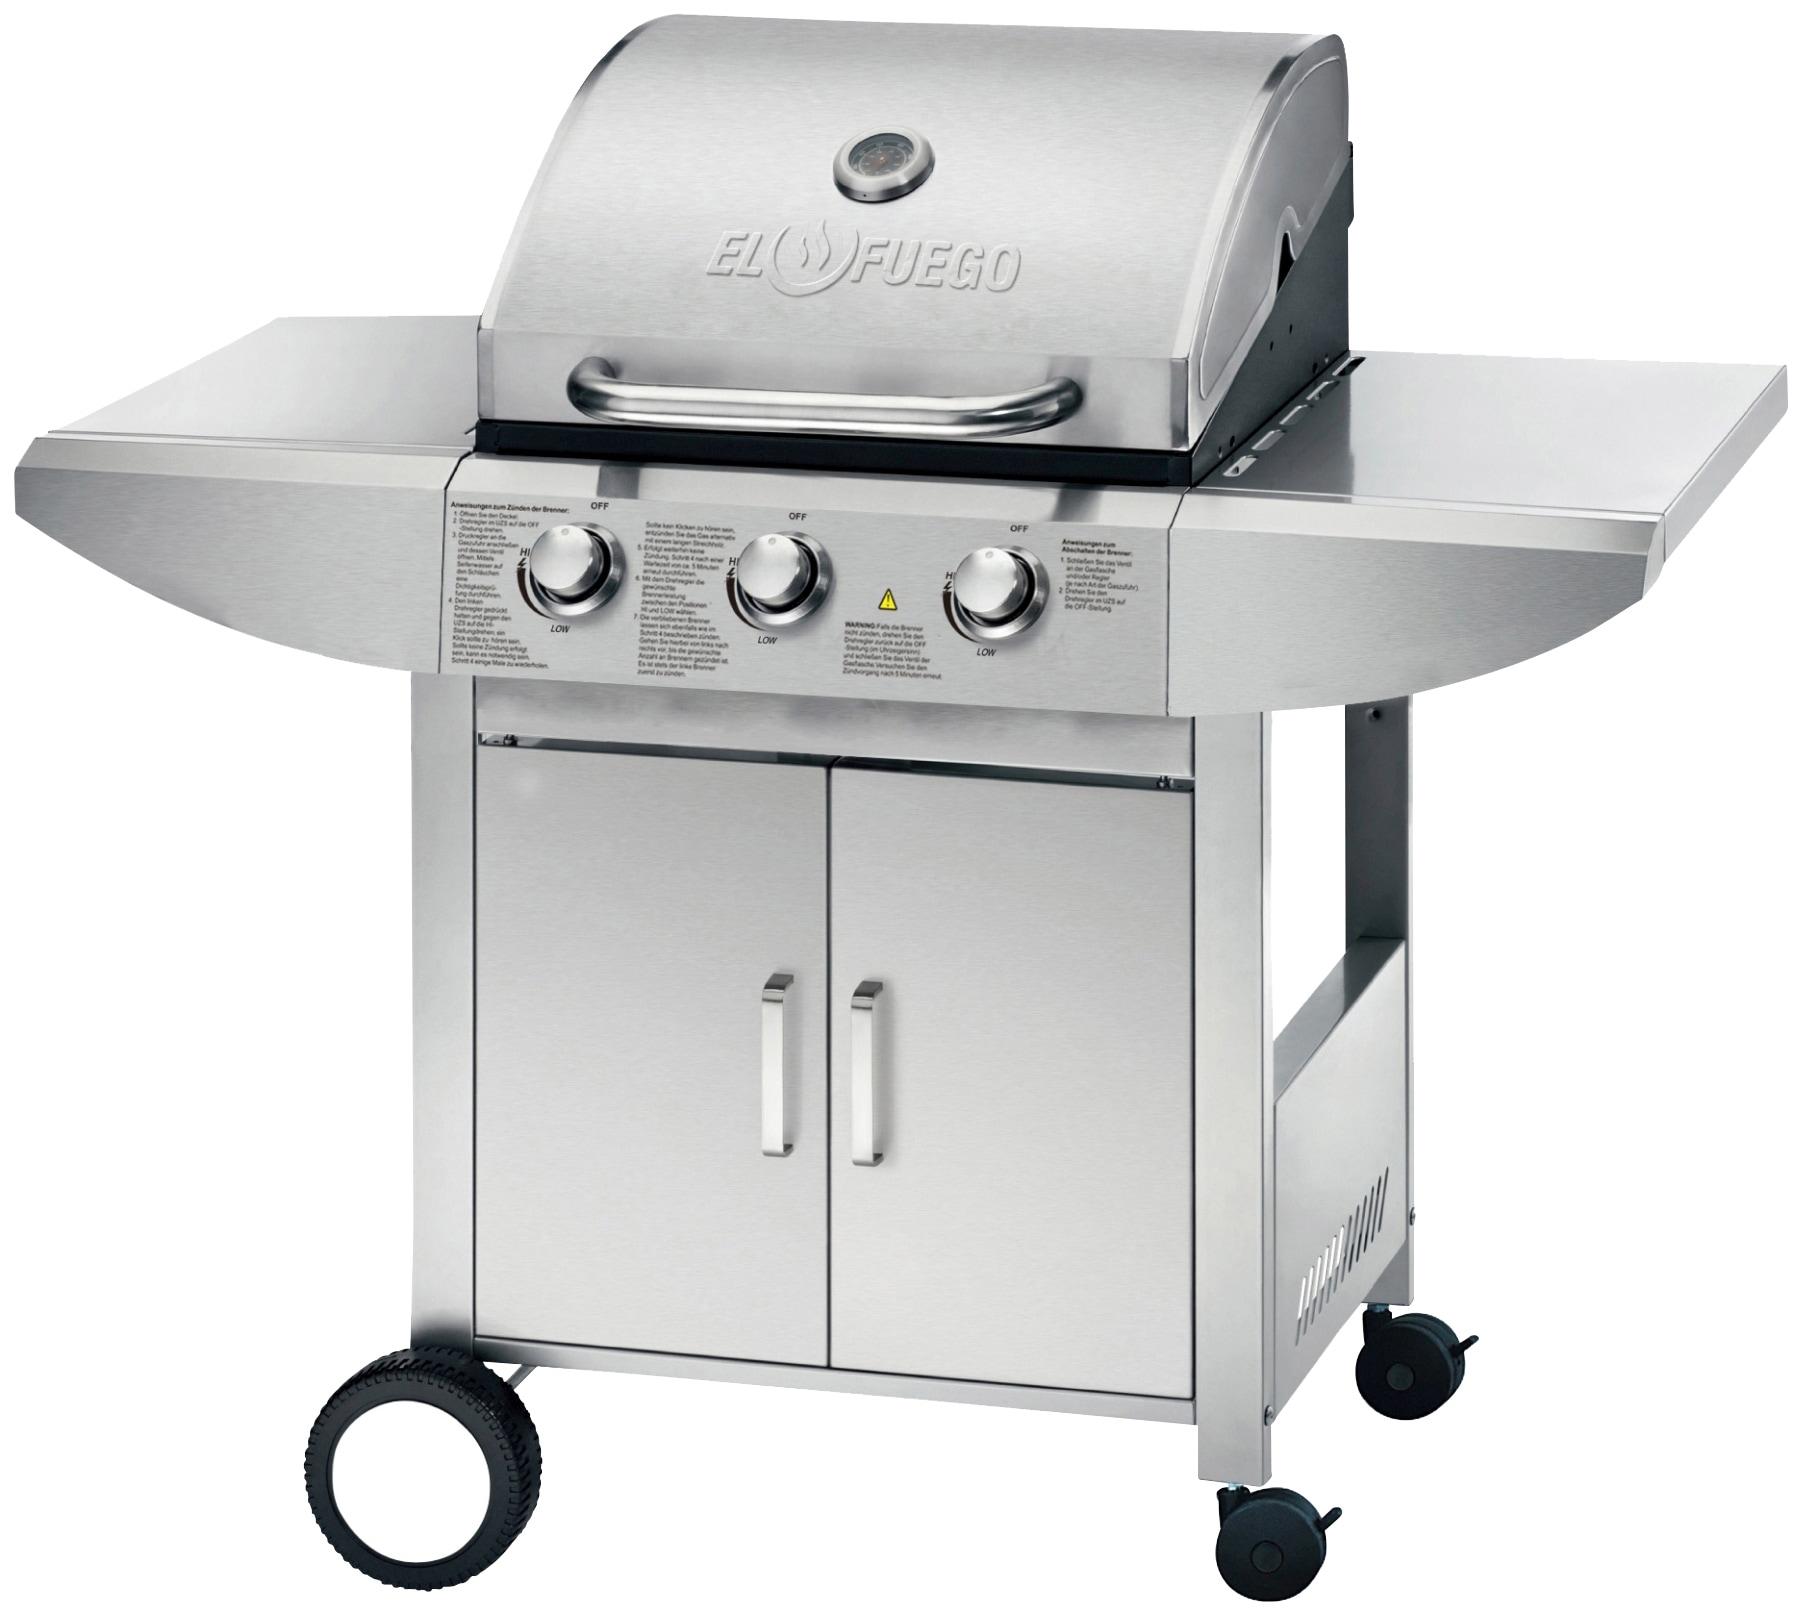 Enders Gasgrill Urban Pro Vario : Enders tischgrill grills günstig kaufen ebay